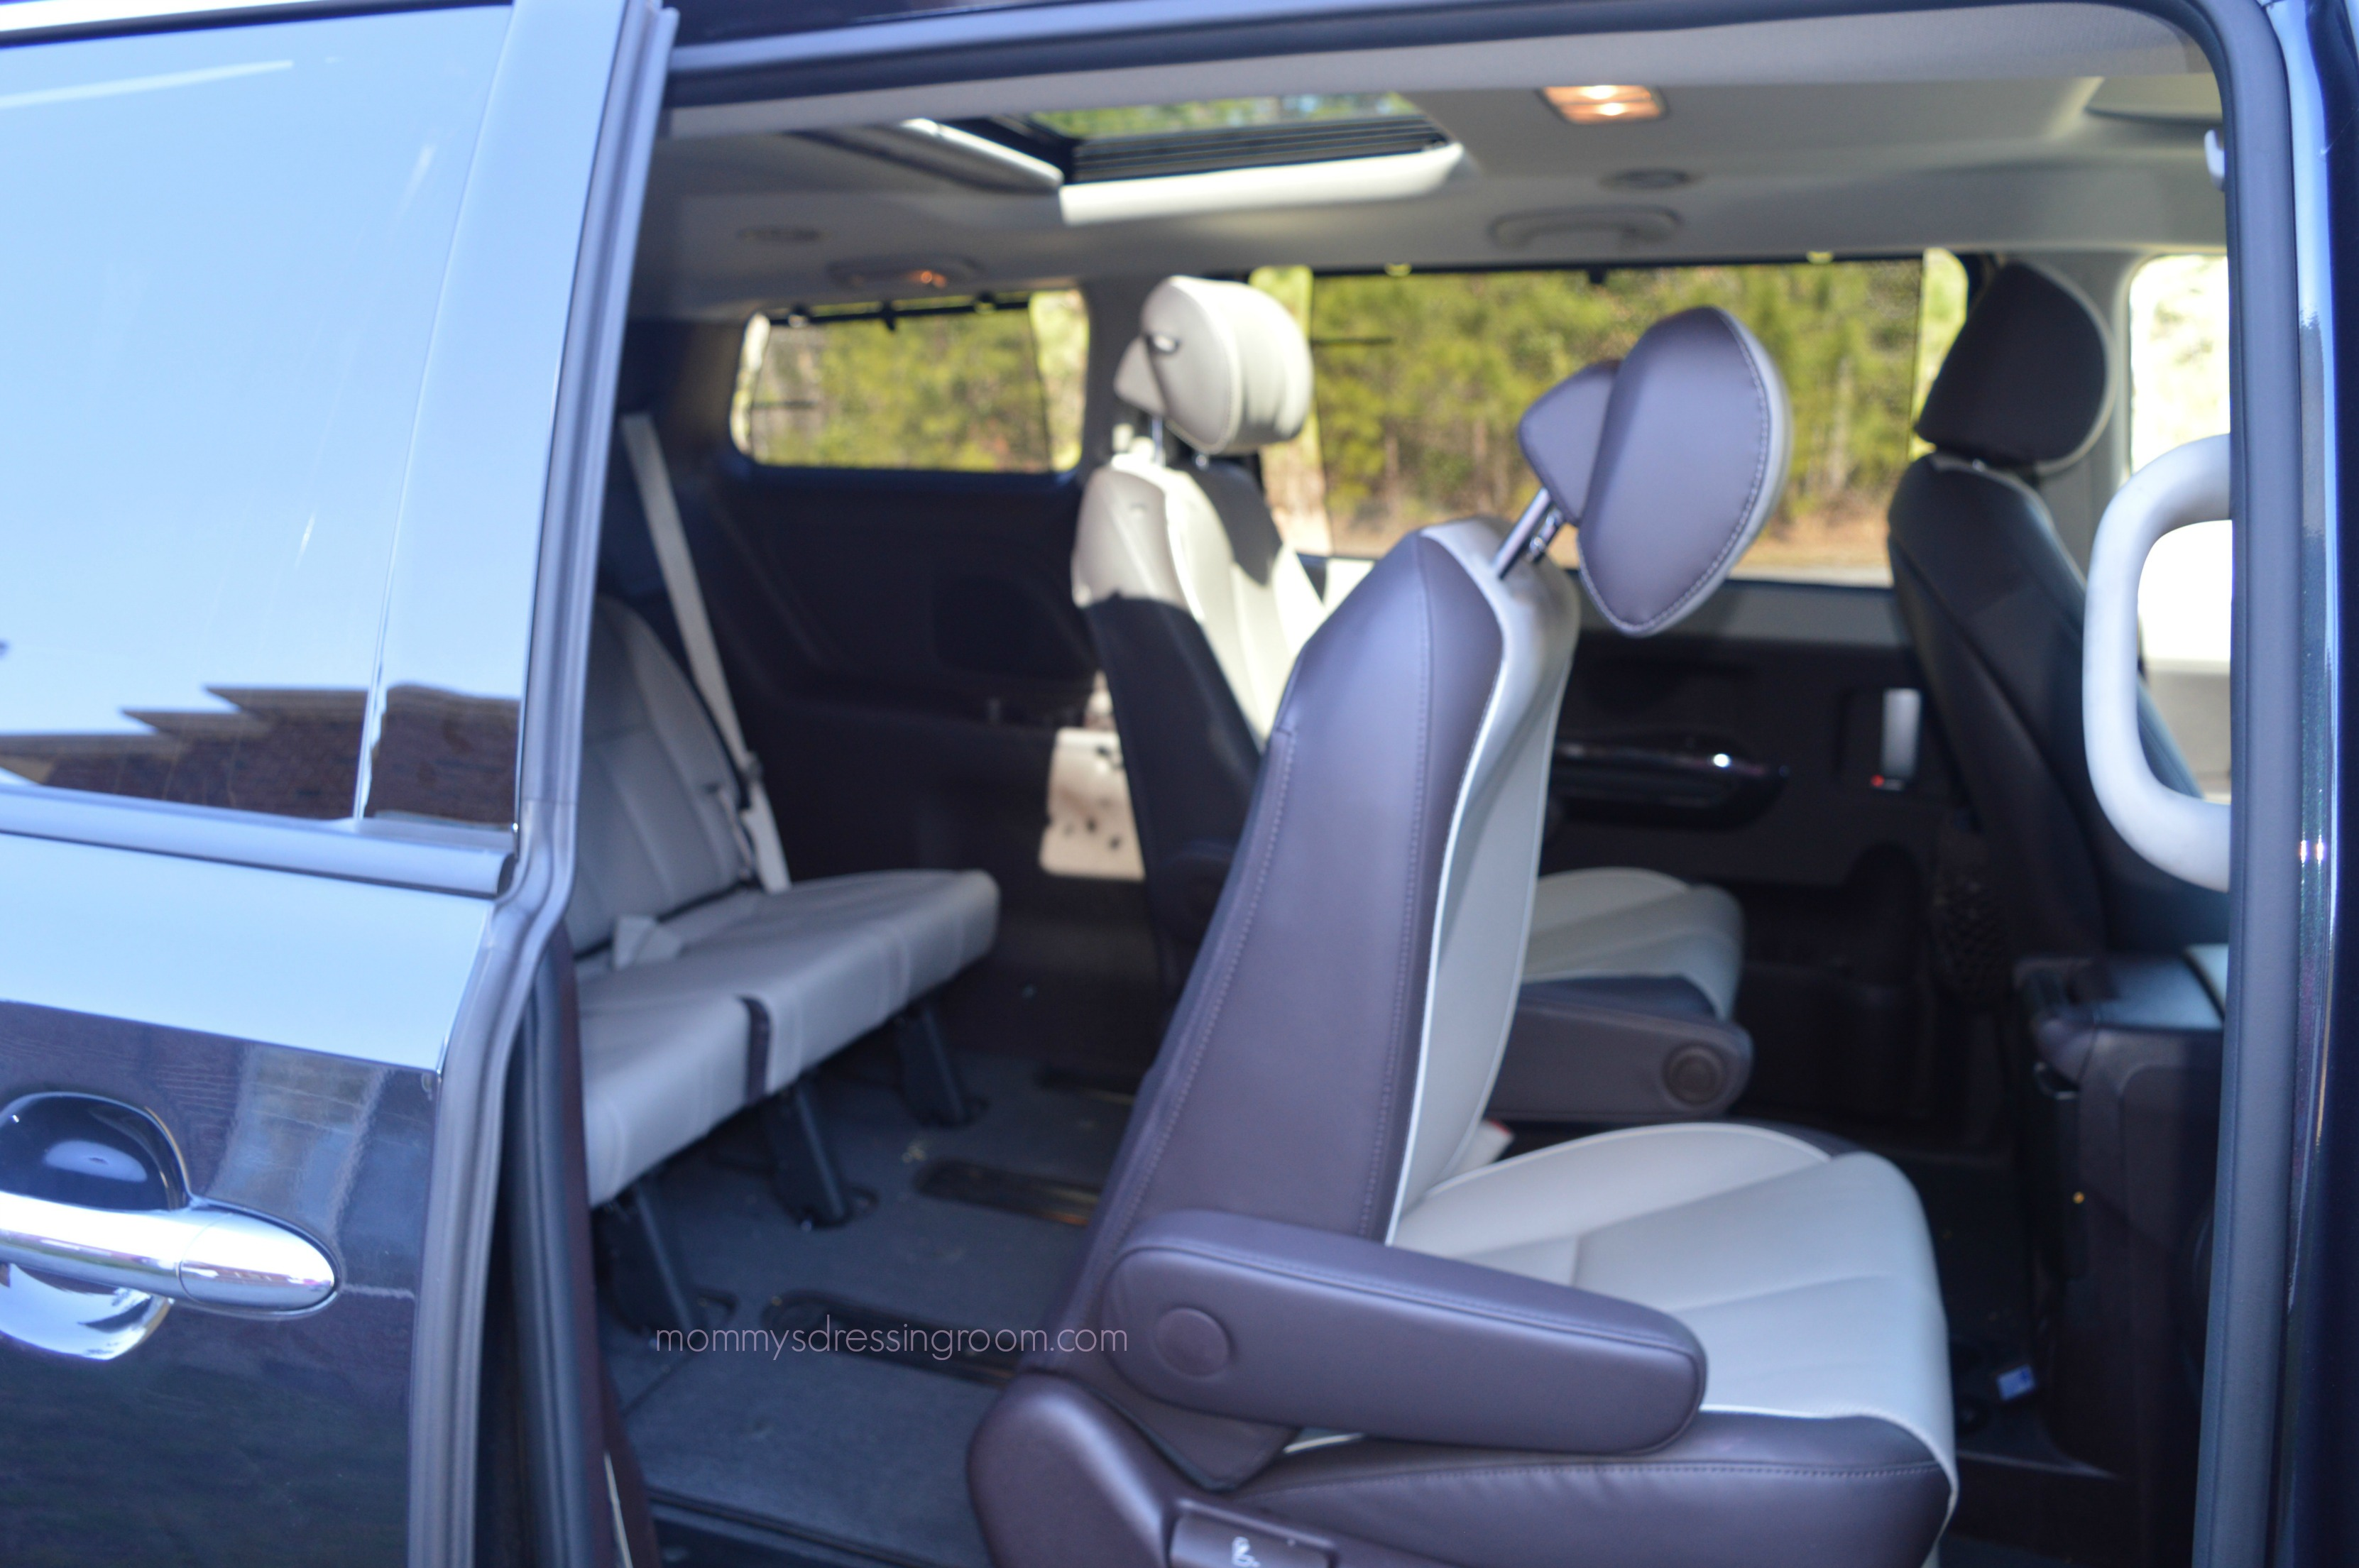 Kia Sedona, driveshop, sxl, car review, mini van, soccer mom